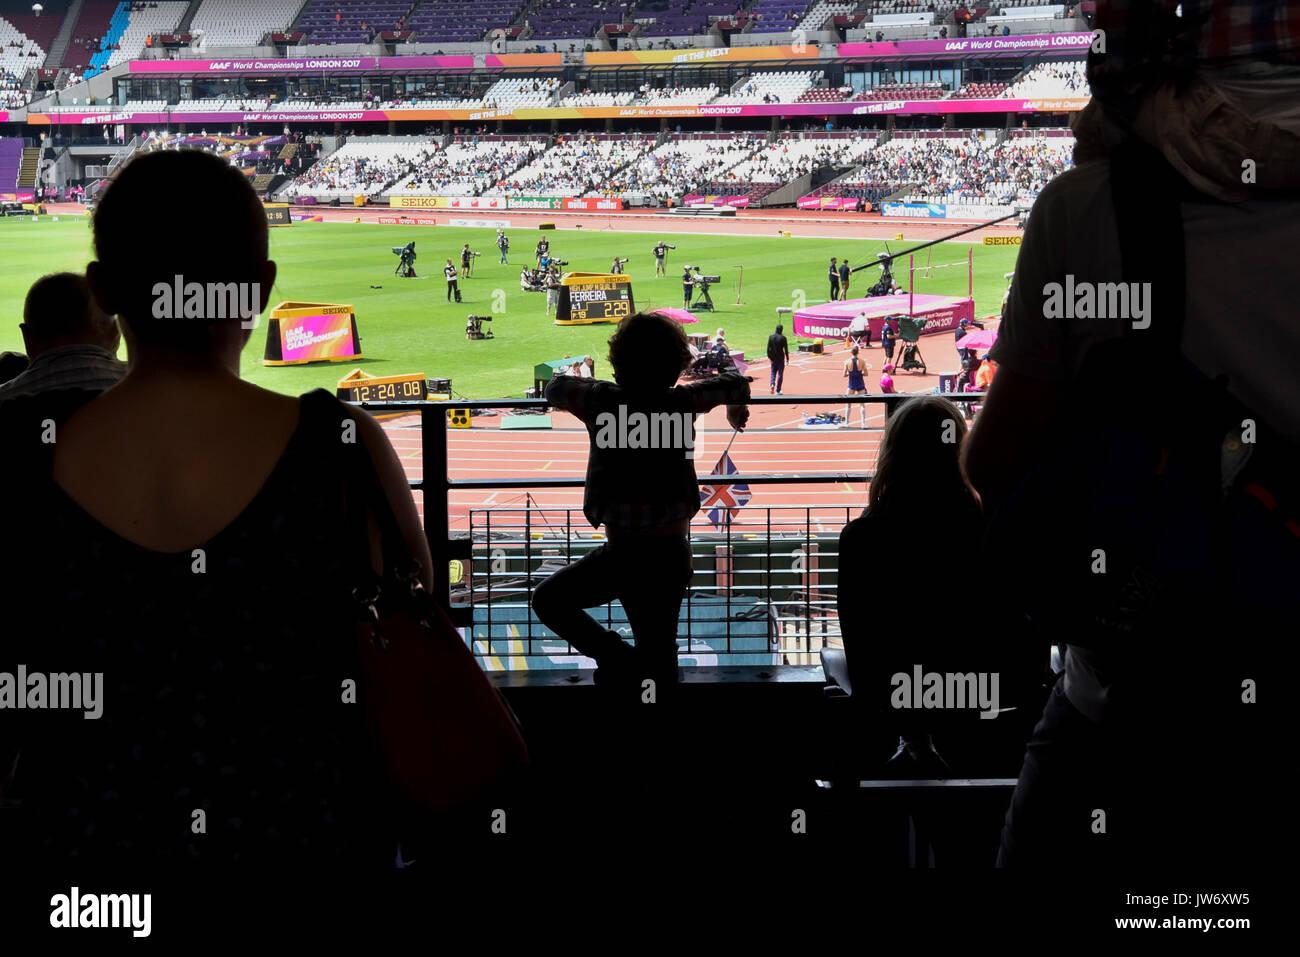 Londres, Reino Unido. 11 de Agosto de 2017. Um ventilador de jovens é visto na silhueta assistindo a qualificação de salto alto no estádio de Londres no dia oito Campeonatos Mundiais da IAAF Londres 2017. Crédito: Stephen Chung / Alamy Notícias ao vivo Imagens de Stock